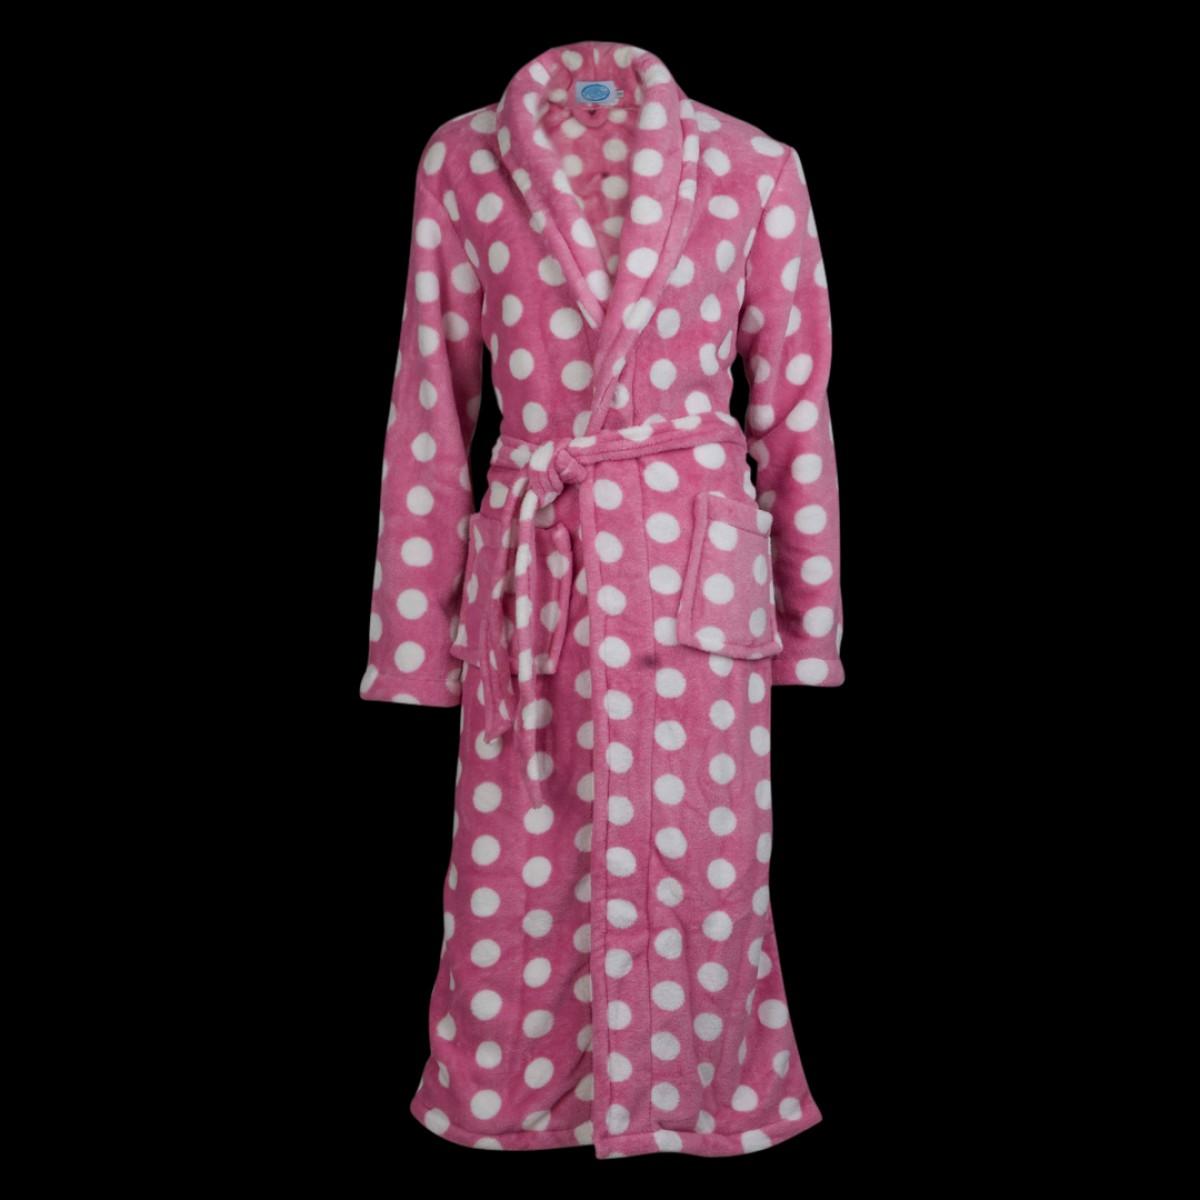 Roze fleece badjas met witte stippen